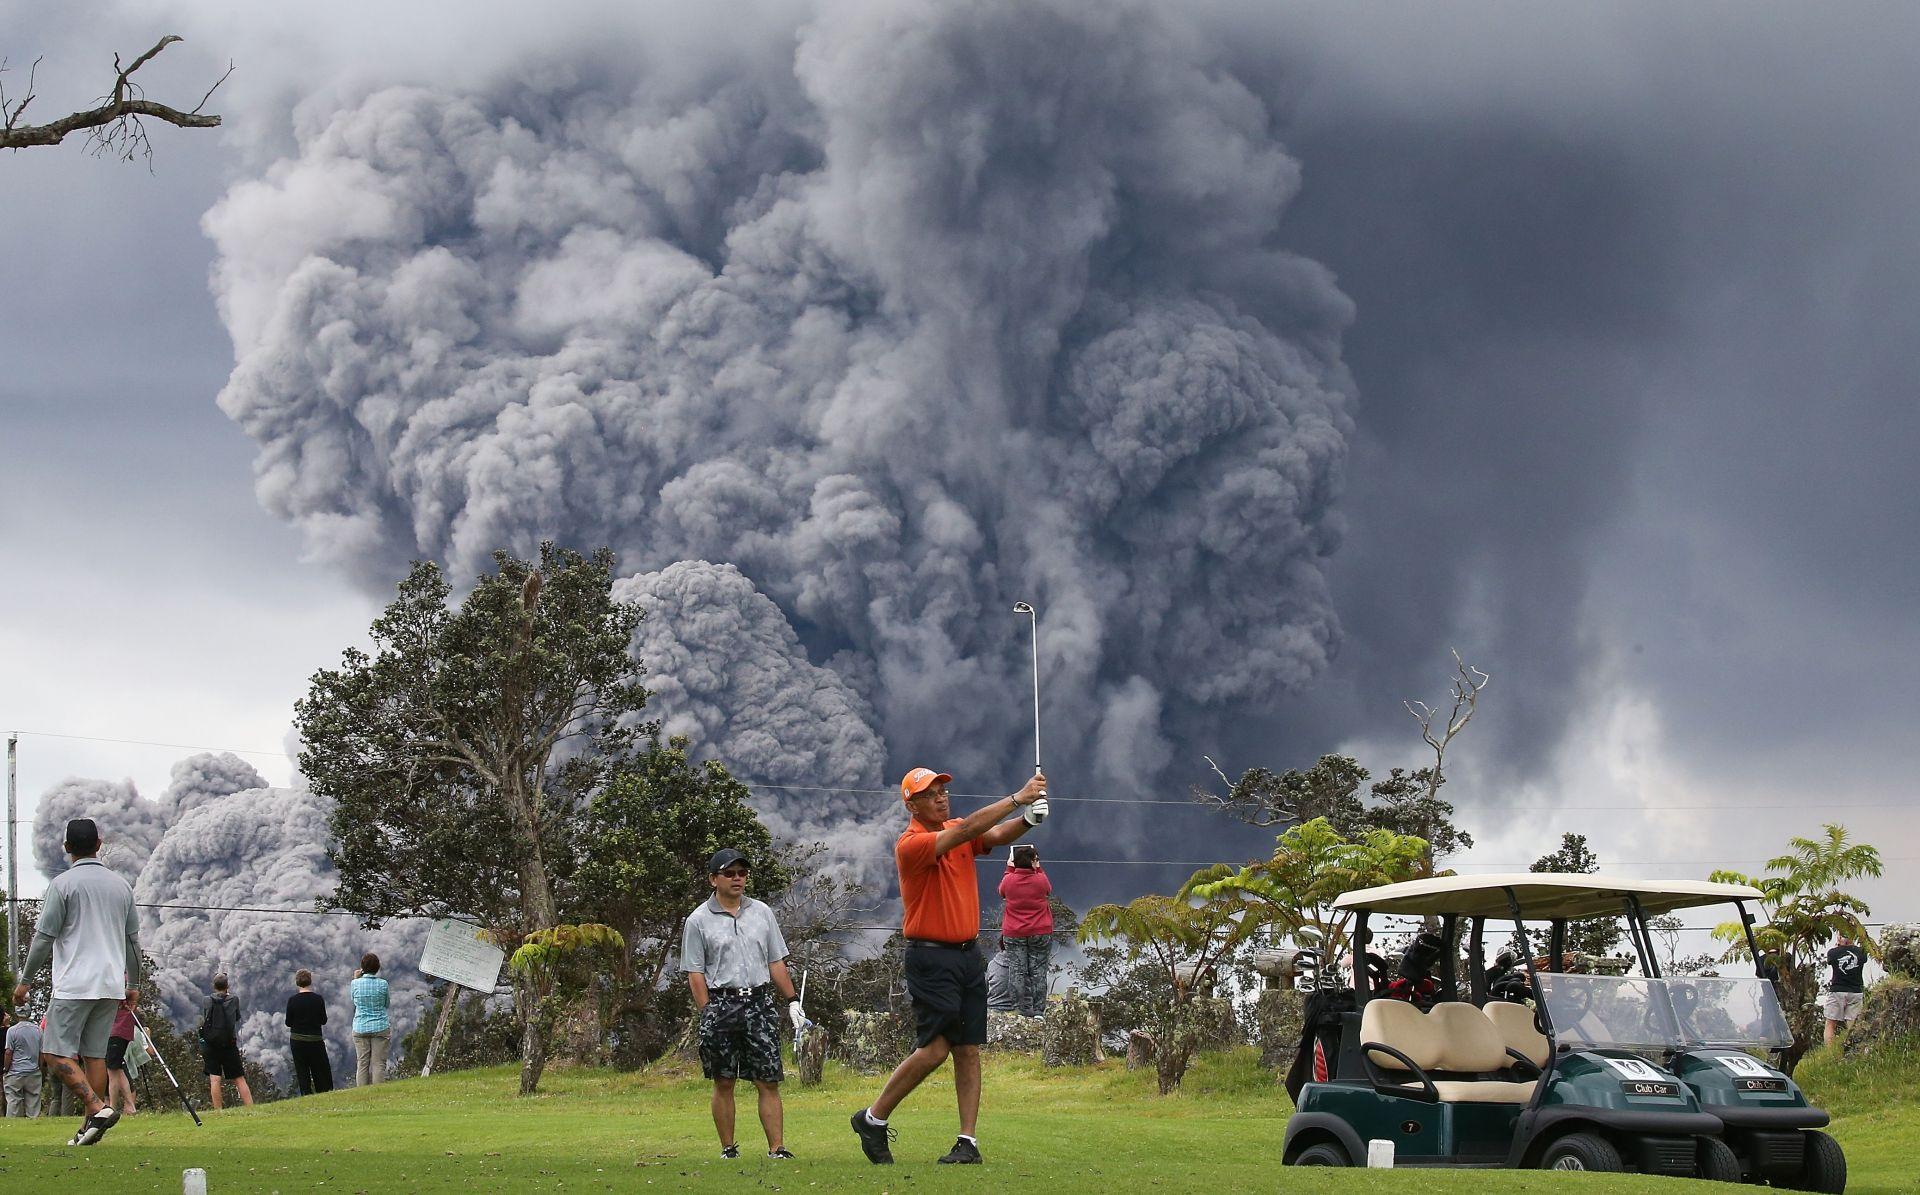 Игра на голф в Националния парк на Хаваите, а в далечината се вижда облак пепел, издигнат от вулкана Килауеа на 15 май в Националния парк Вулкани Хавай, Хавай на фона на облак пепел от вулкана Килауеа на Хаваите на 15 май